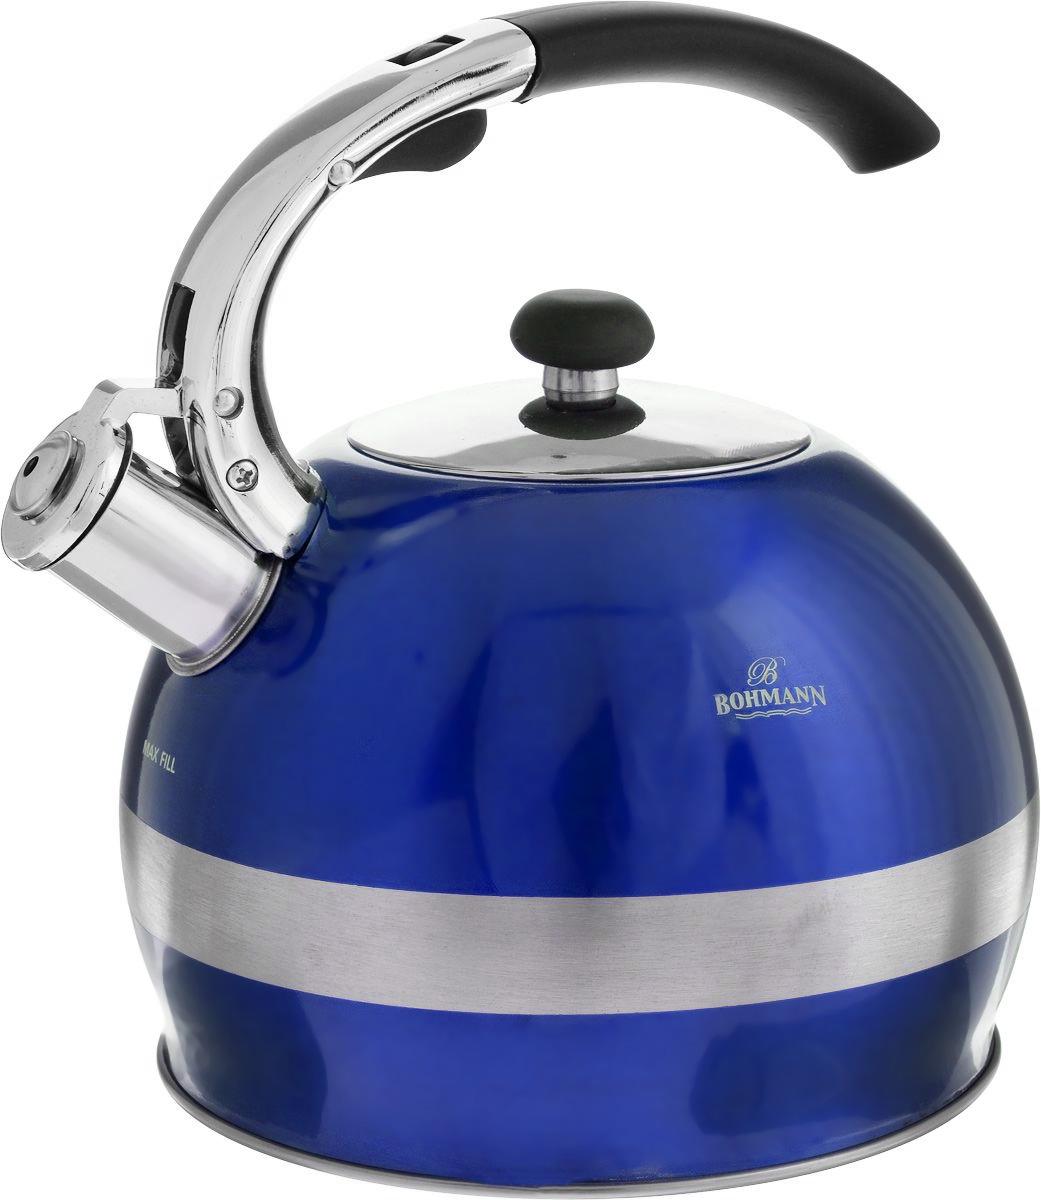 Чайник Bohmann, со свистком, цвет: синий, 2,7 лBH-9995_синийЧайник Bohmann изготовлен из нержавеющей стали с матовой и зеркальной полировкой. Высококачественная сталь представляет собой материал, из которого в течение нескольких десятилетий во всем мире производятся столовые приборы, кухонные инструменты и различные аксессуары. Этот материал обладает высокой стойкостью к коррозии и кислотам. Прочность, долговечность и надежность этого материала, а также первоклассная обработка обеспечивают практически неограниченный запас прочности и неизменно привлекательный внешний вид. Чайник оснащен фиксированной удобной ручкой из бакелита черного цвета. Ручка не нагревается, что предотвращает появление ожогов и обеспечивает безопасность использования. Носик чайника имеет откидной свисток для определения кипения. Можно использовать на всех типах плит, включая индукционные. Можно мыть в посудомоечной машине. Диаметр (по верхнему краю): 9,5 см.Высота чайника (без учета ручки): 14,5 см.Высота чайника (с учетом ручки): 23 см.Диаметр основания: 13 см.